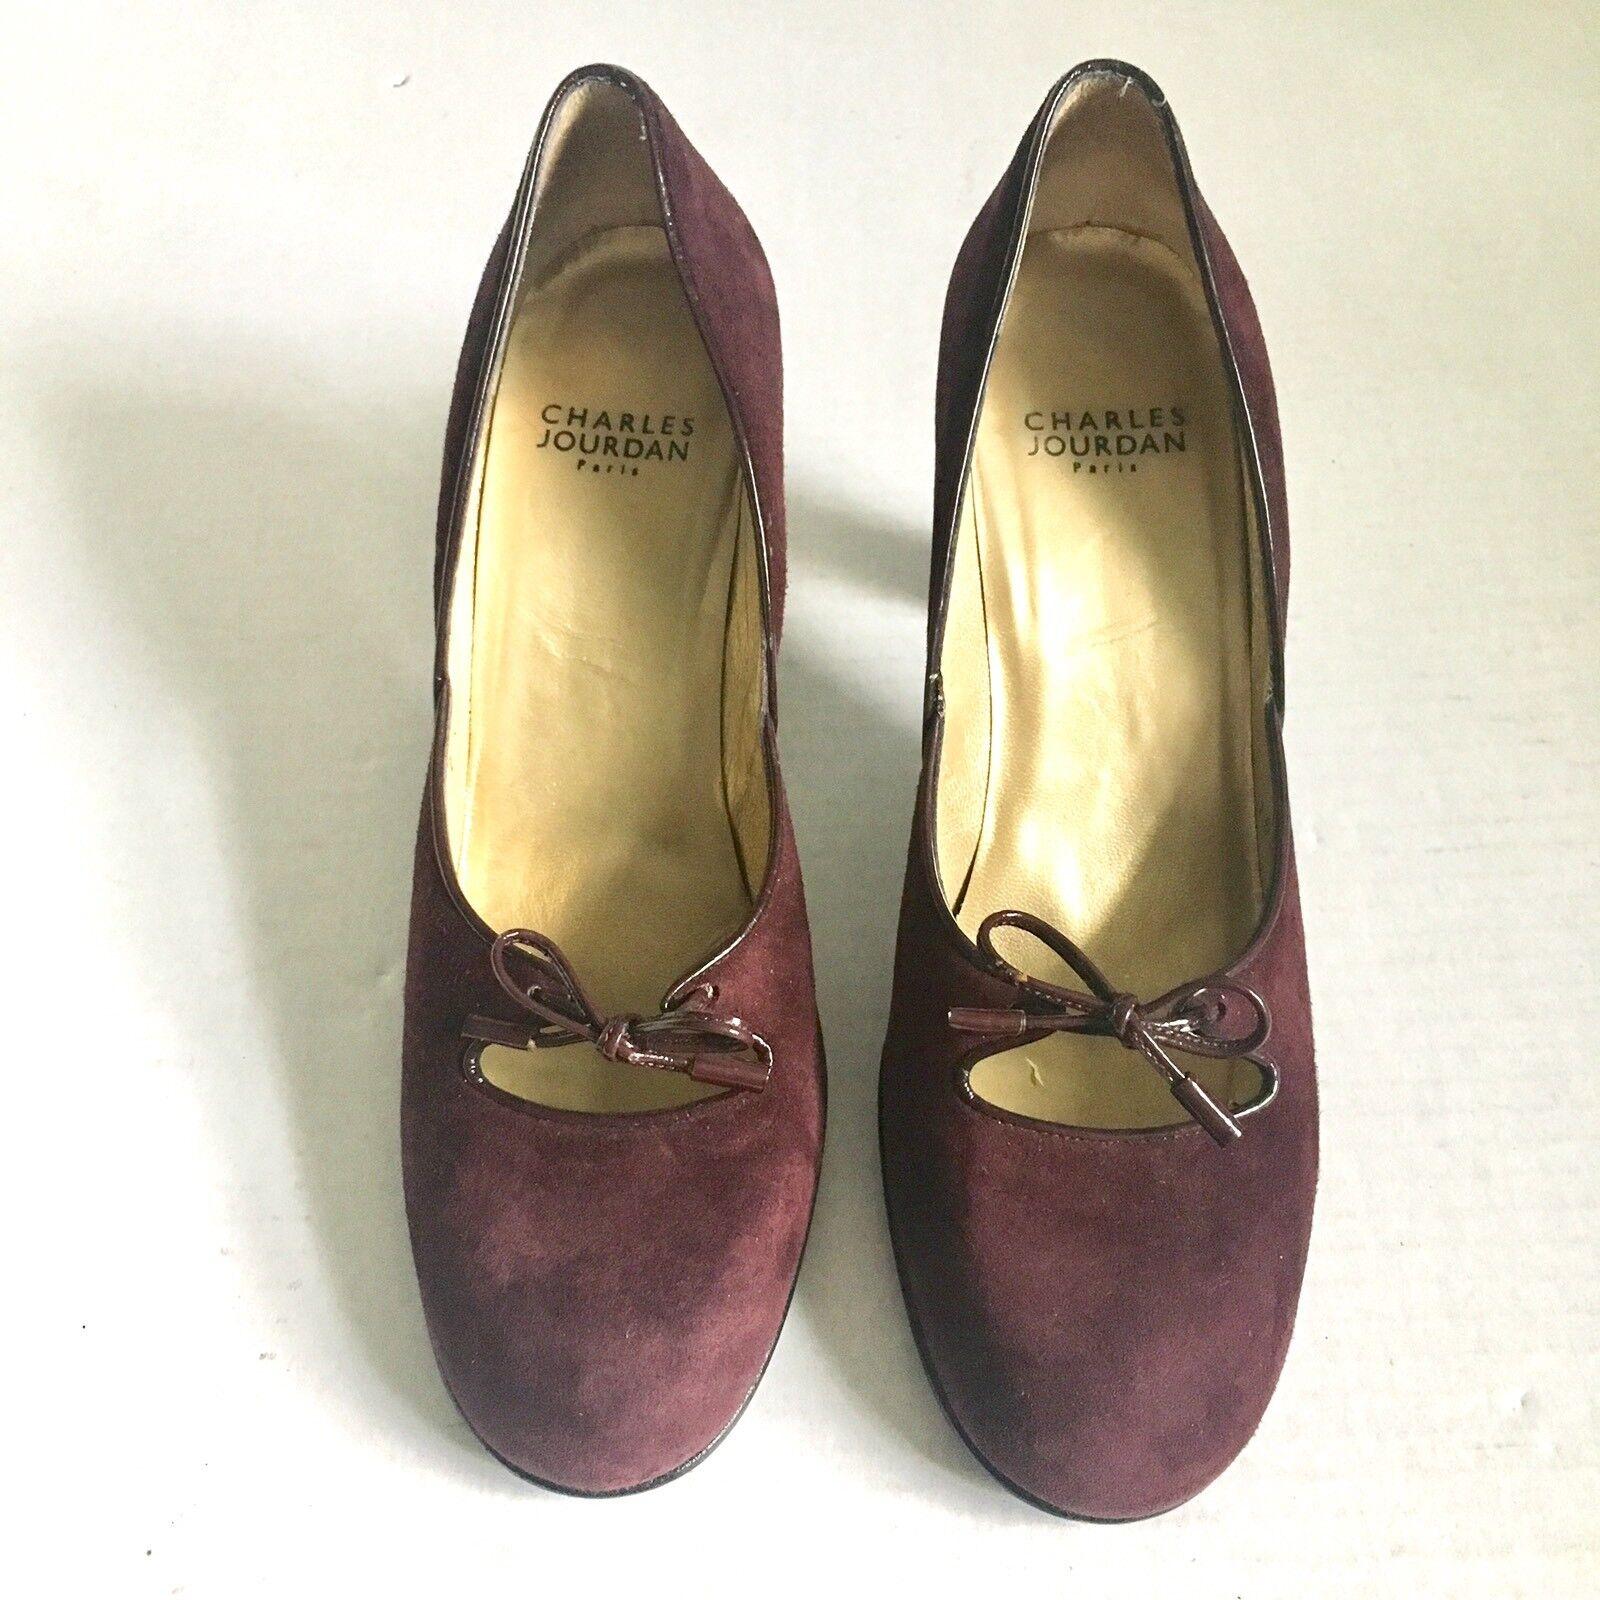 Charles Jourdan Paris Tacones Gamuza Marrón Marrón Marrón Cuero Patente Arco De Colección Zapatos Francia 7 M  tomamos a los clientes como nuestro dios